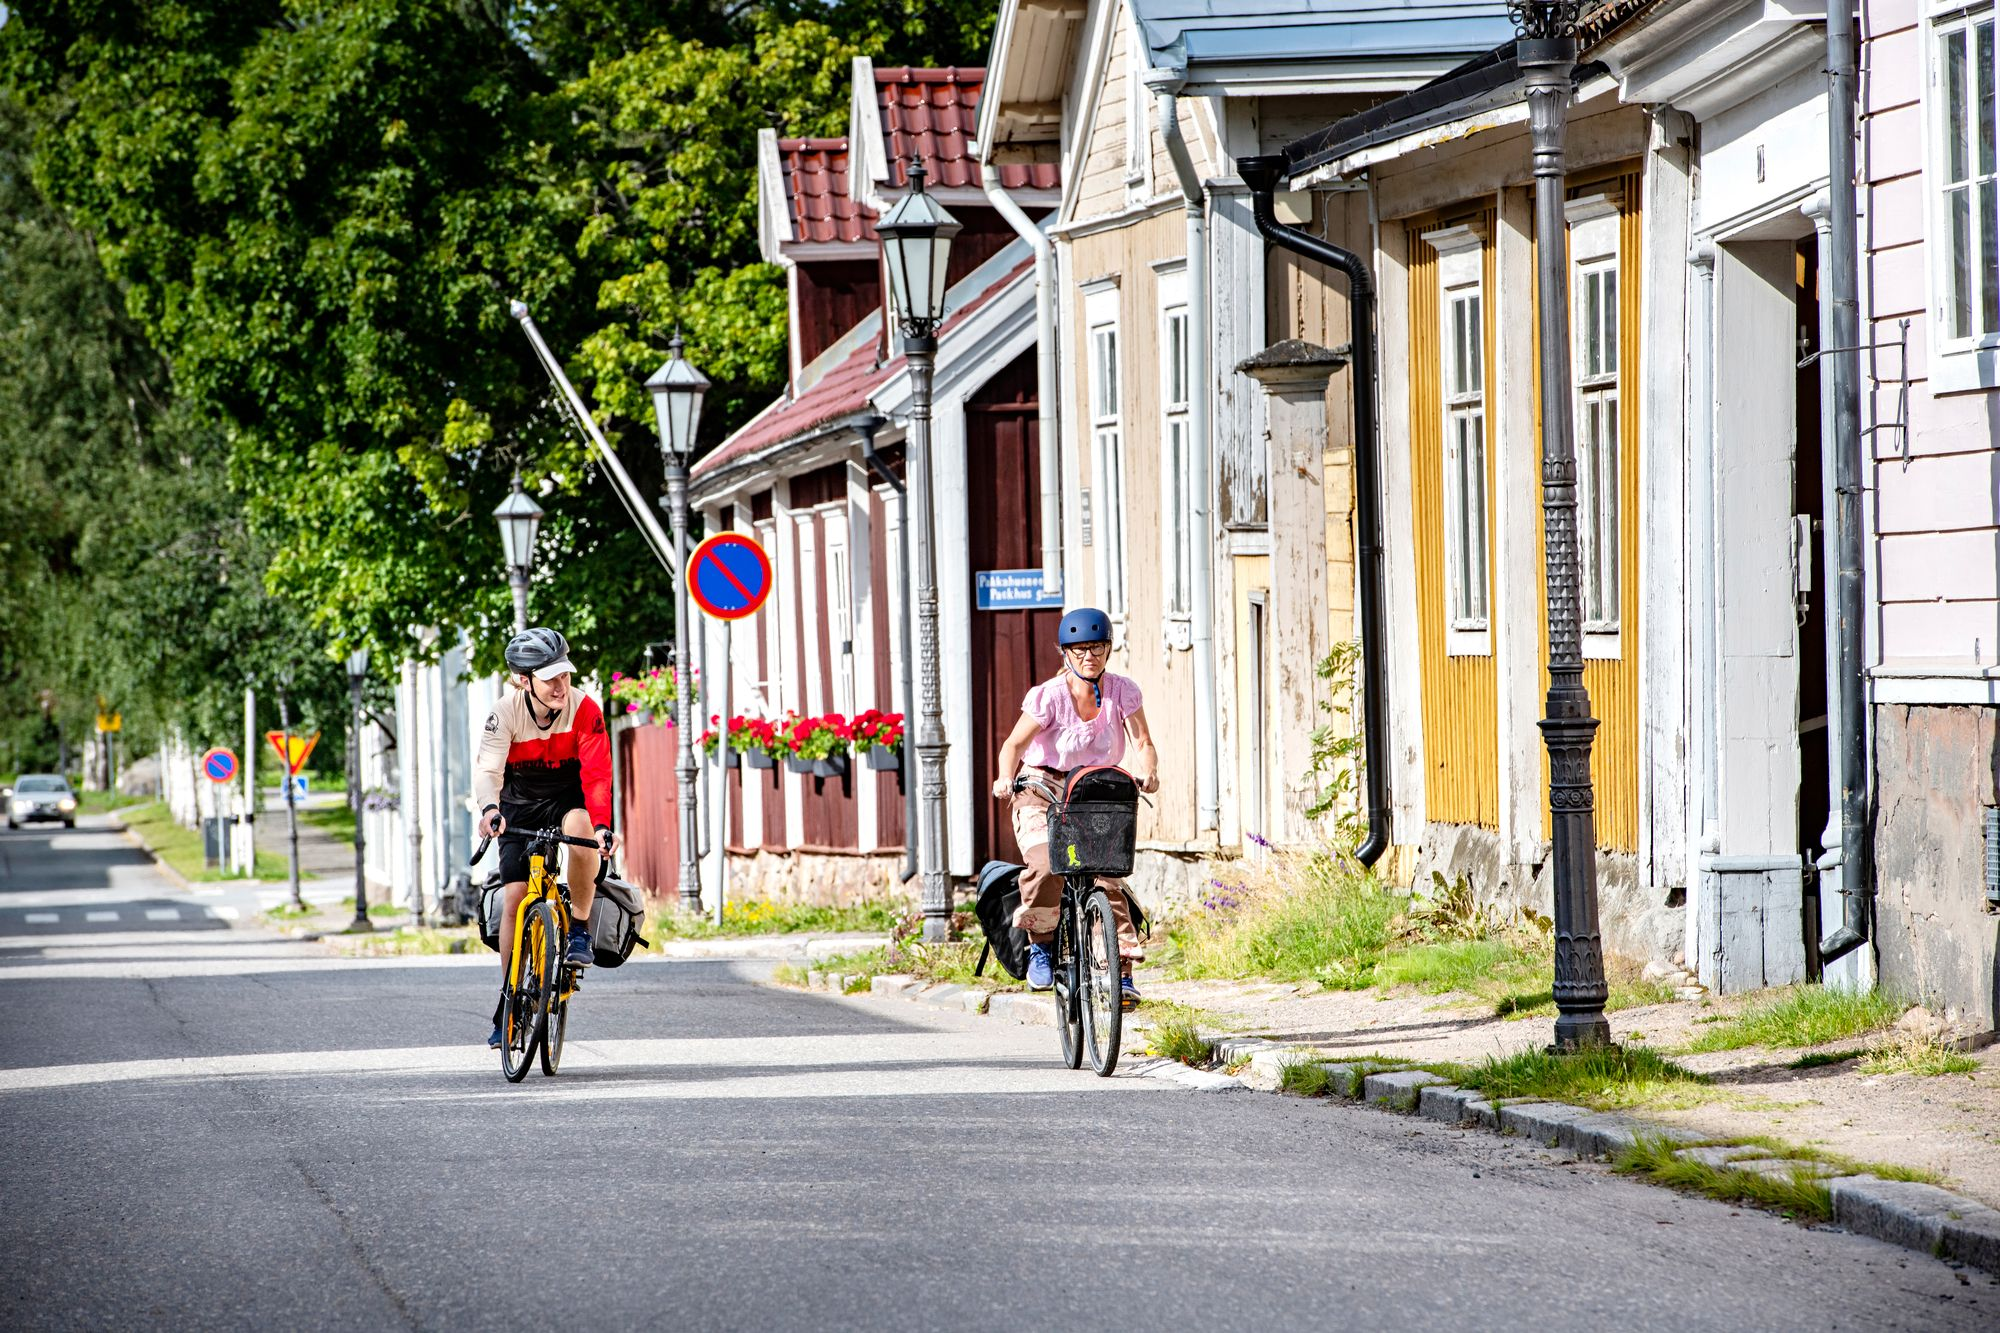 Kokkolan vanhan kaupungin eli Neristanin kaduilla on rauhallista pyöräillä. © Päivi Karjalainen